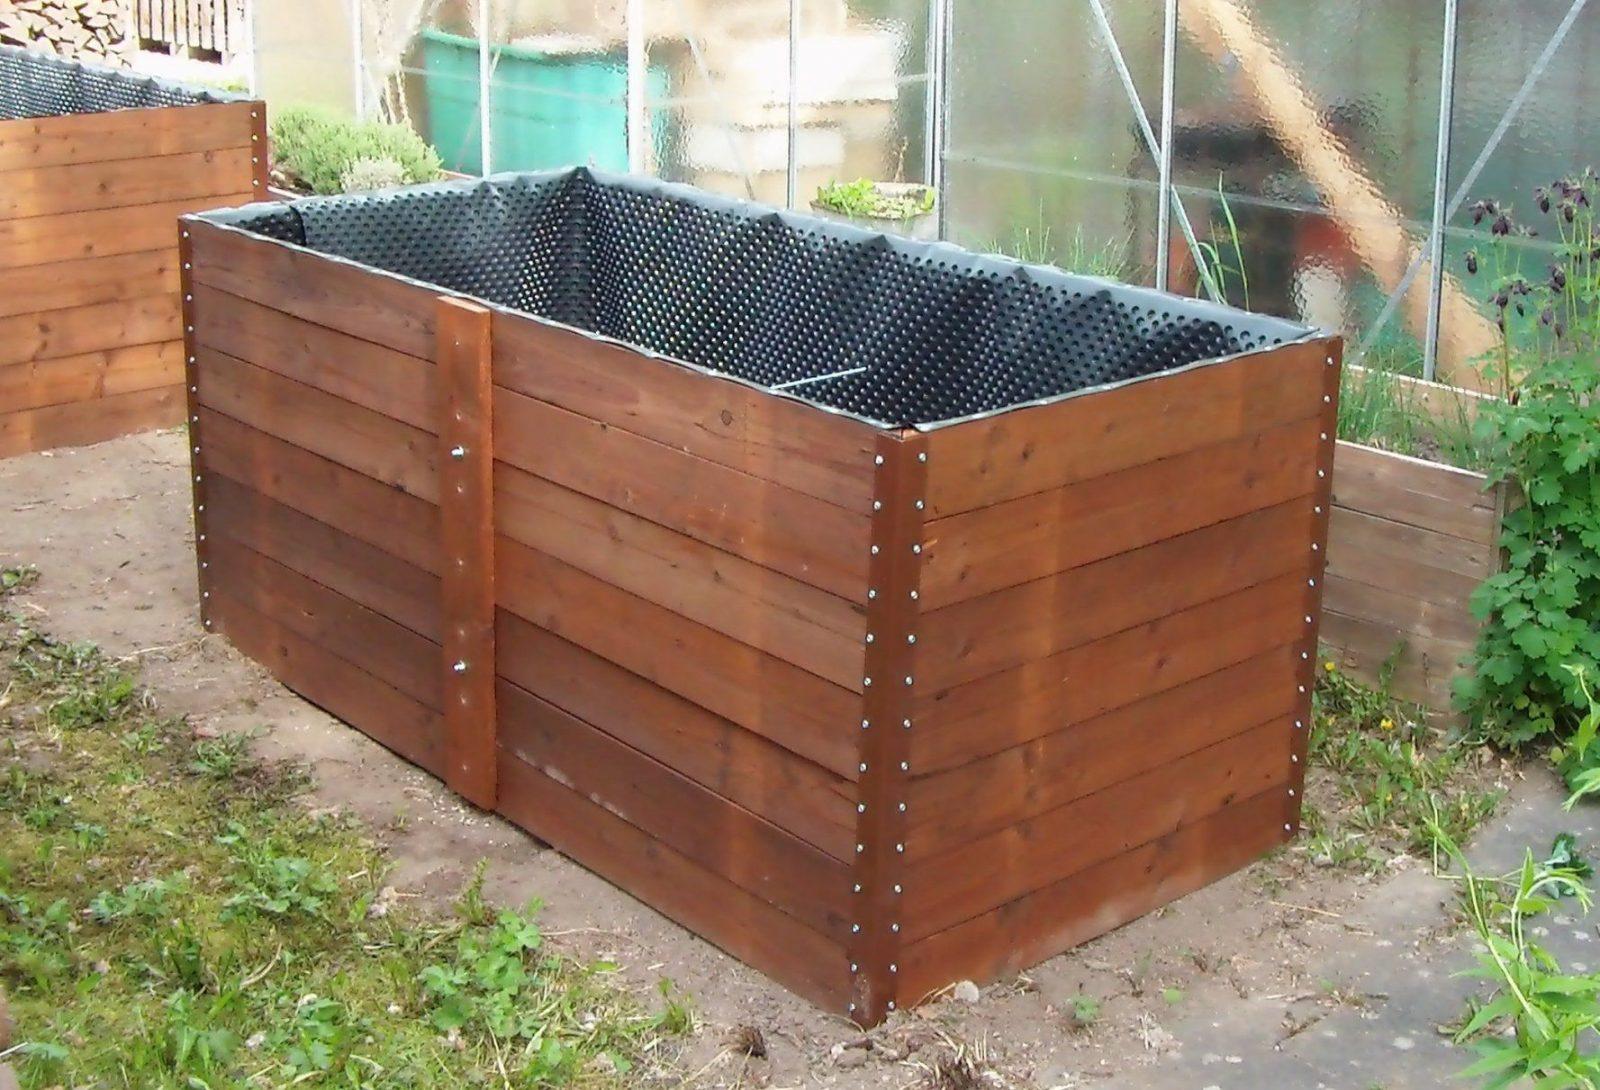 Hochbeet Selber Bauen Aus Holz Und Metall Raised Garden Bed von Hochbeet Selber Bauen Youtube Photo